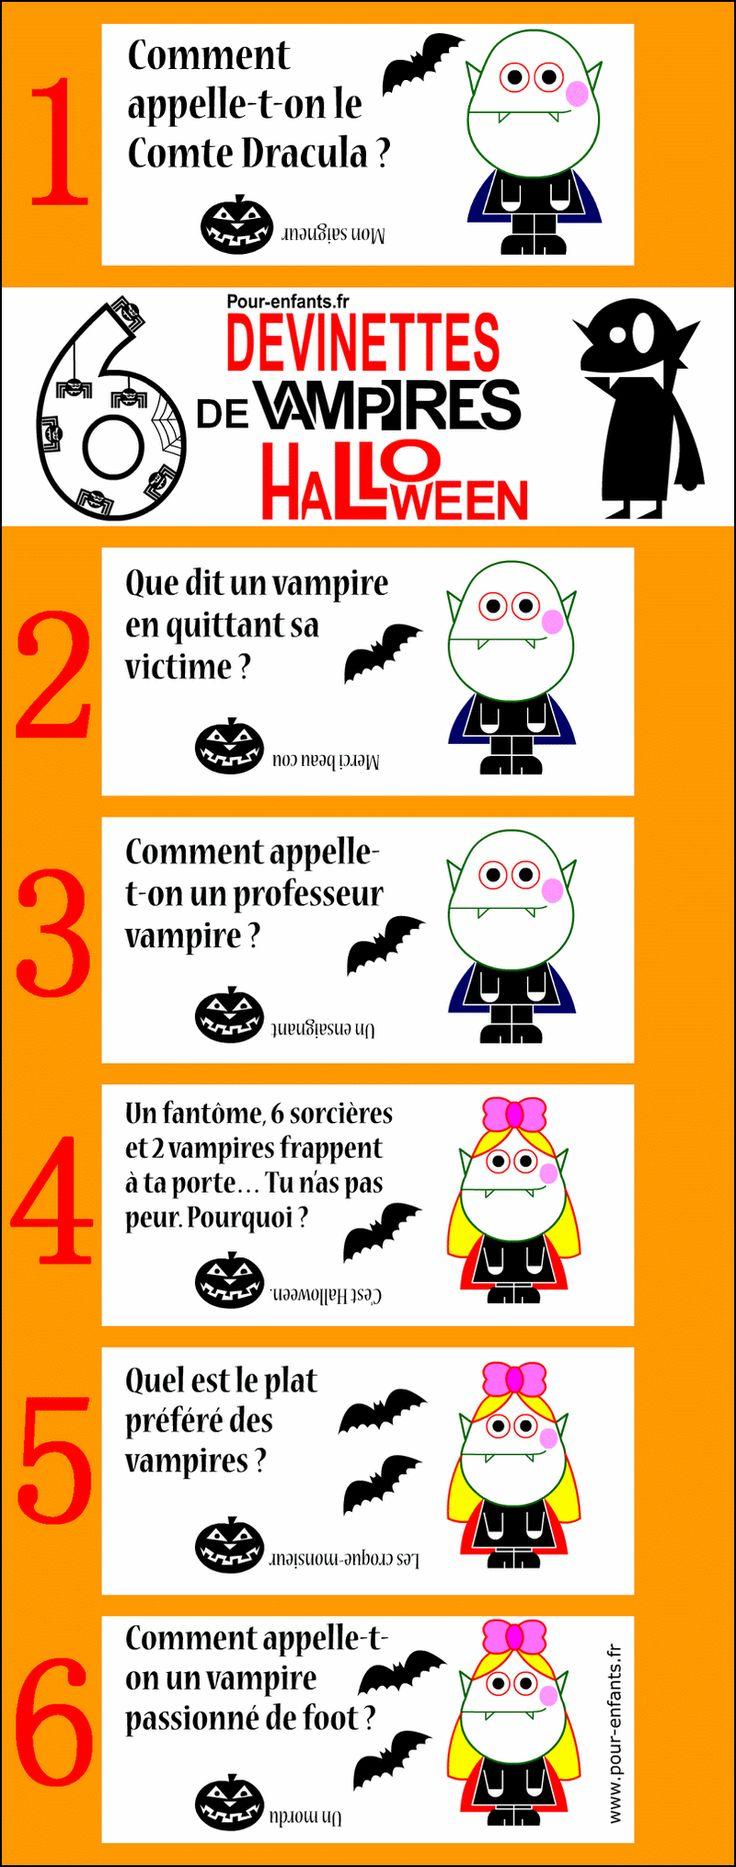 Blagues et devinettes de vampires. Devinettes Halloween pour enfants.